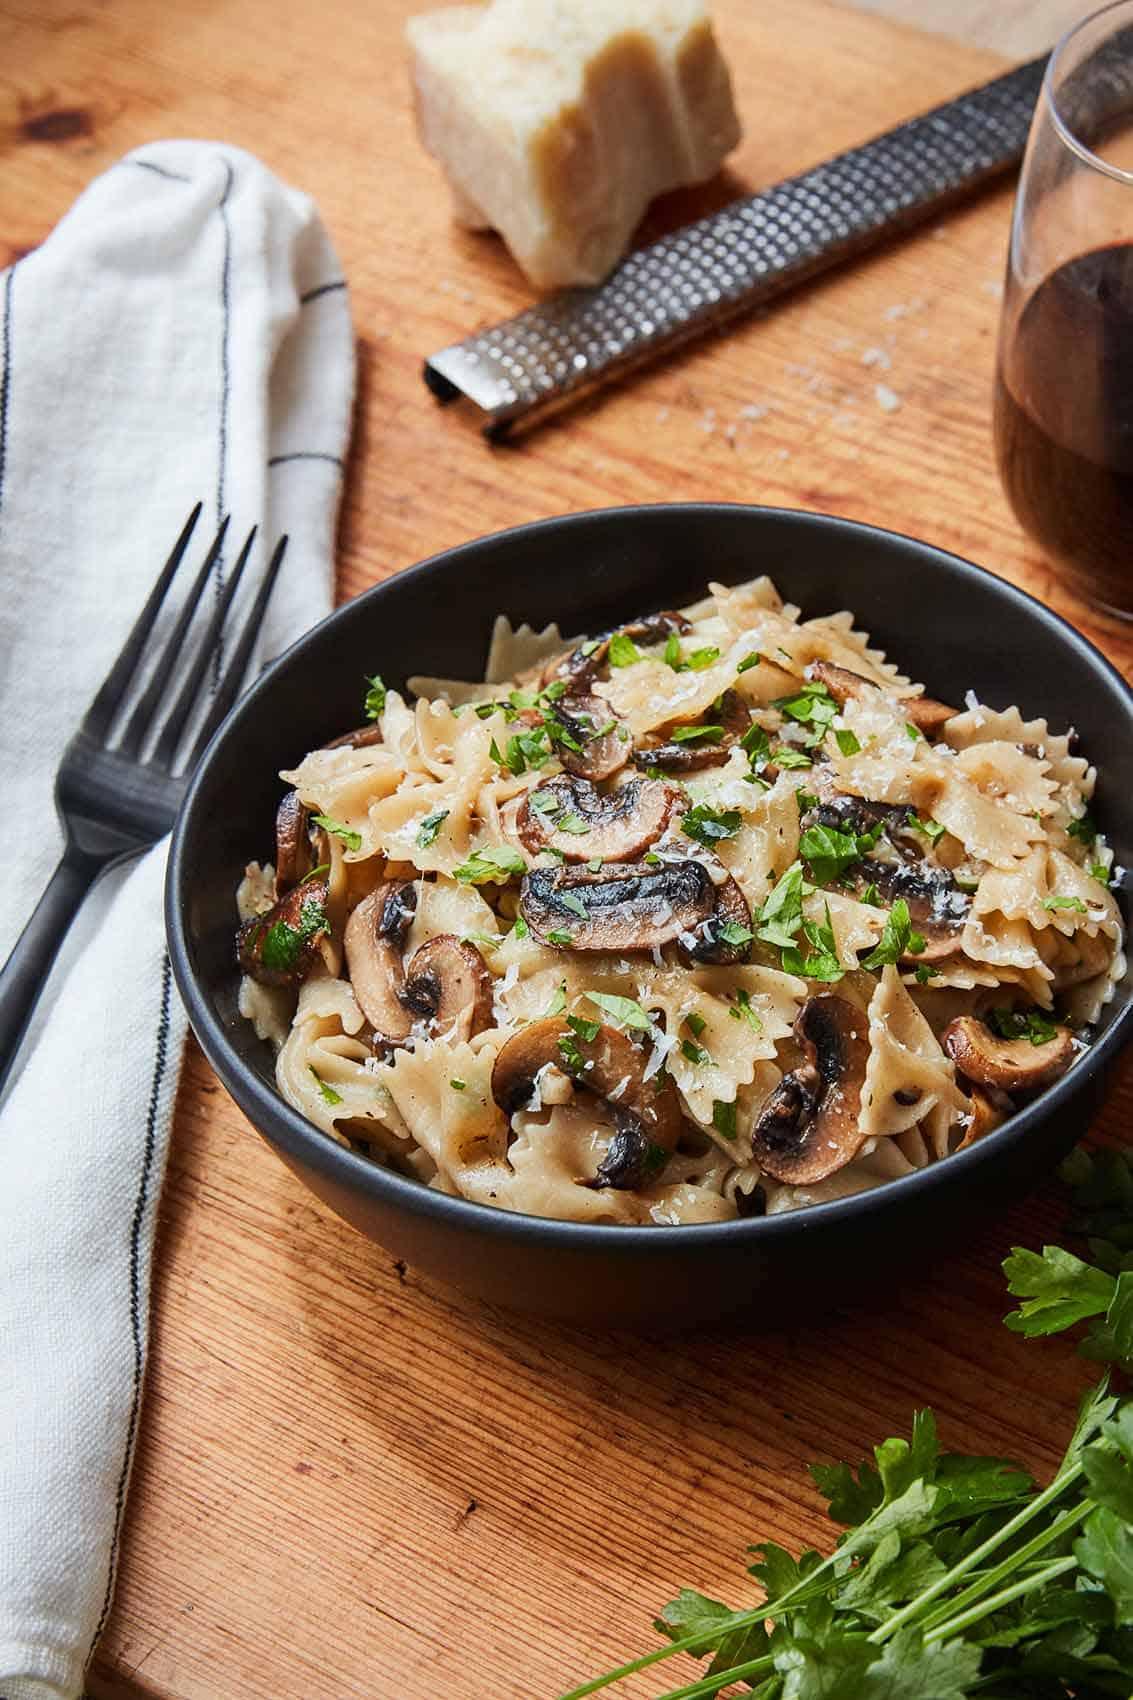 Mushroom Garlic Pasta in a black bowl on wooden surface